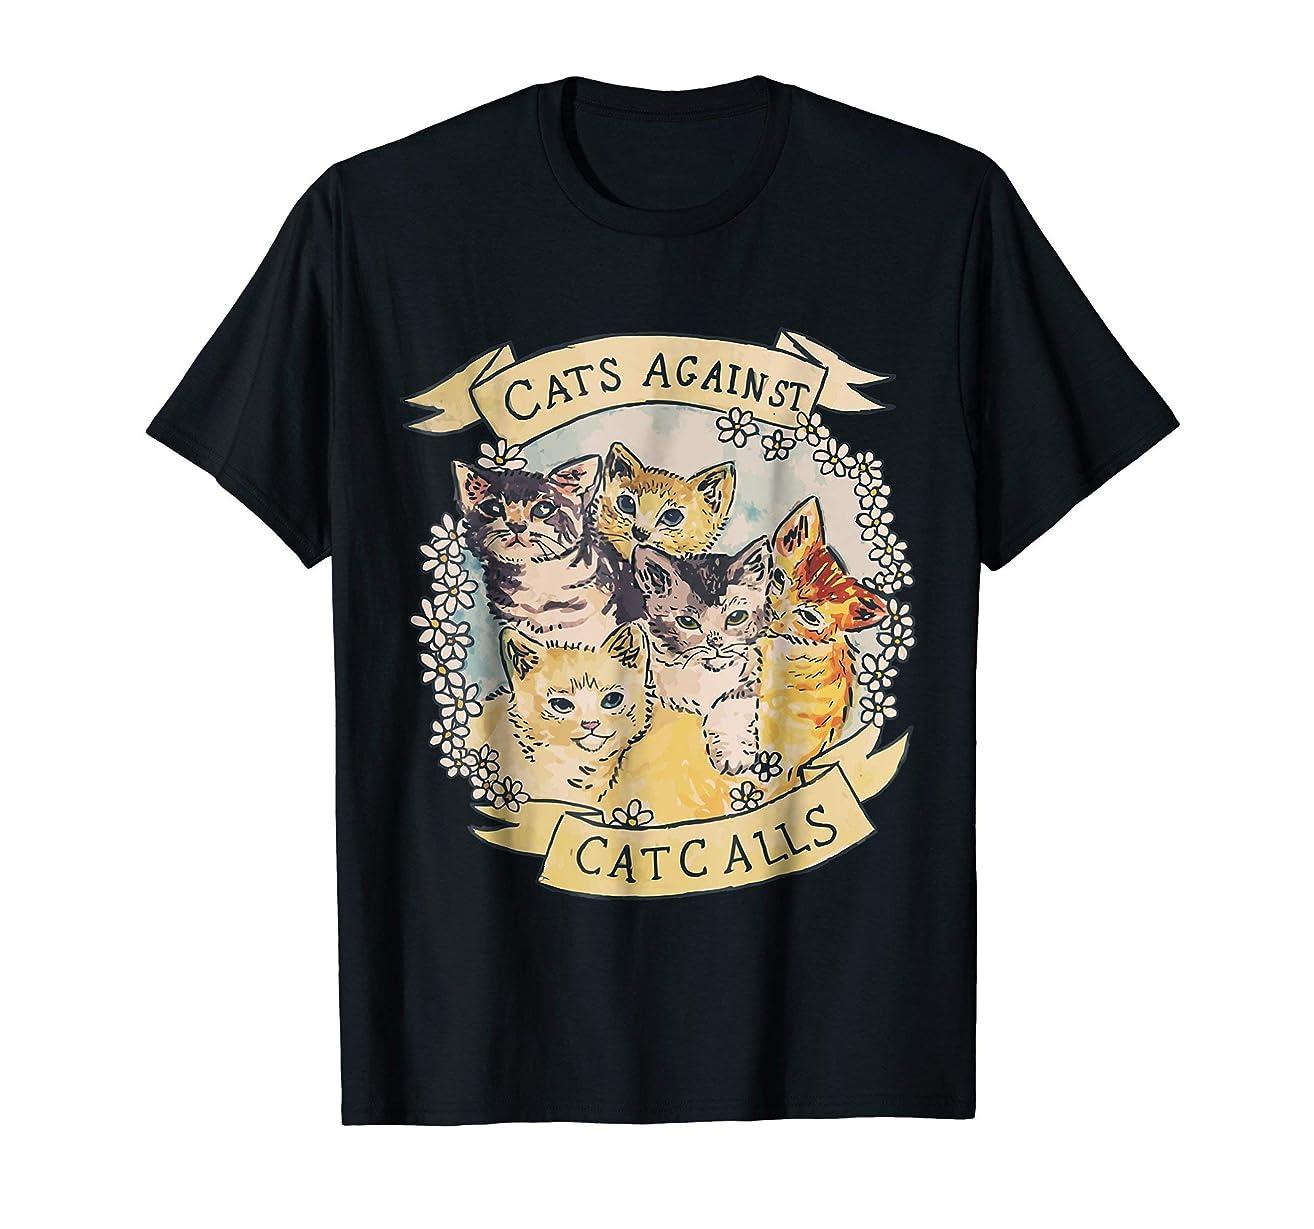 Cats Against Catcalls Feminist Activist T-Shirt Feminism